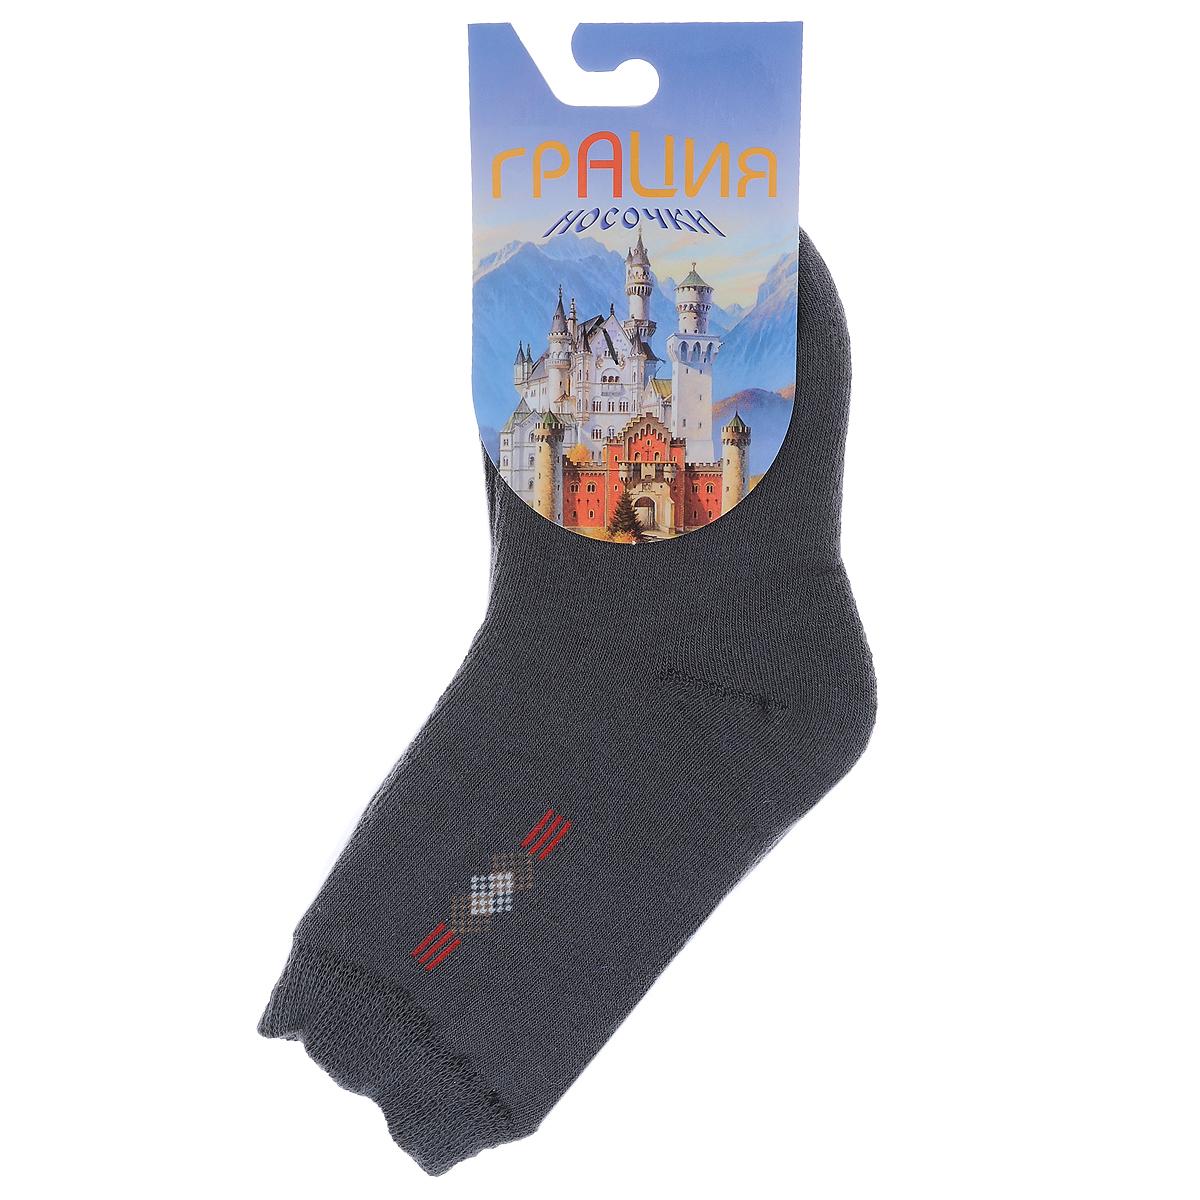 Д 2063_15Детские теплые носки Грация - прекрасный вариант для вашего ребенка. Они изготовлены из пряжи смешанного состава, очень мягкие на ощупь, не раздражают даже самую нежную и чувствительную кожу. Лицевая сторона гладкая, а изнаночная - с мягкой теплой махрой. Носки имеют эластичную резинку и плоский шов на мыске. Оформлена модель на щиколотке вязаным оригинальным рисунком. Они послужат замечательным дополнением к детскому гардеробу!